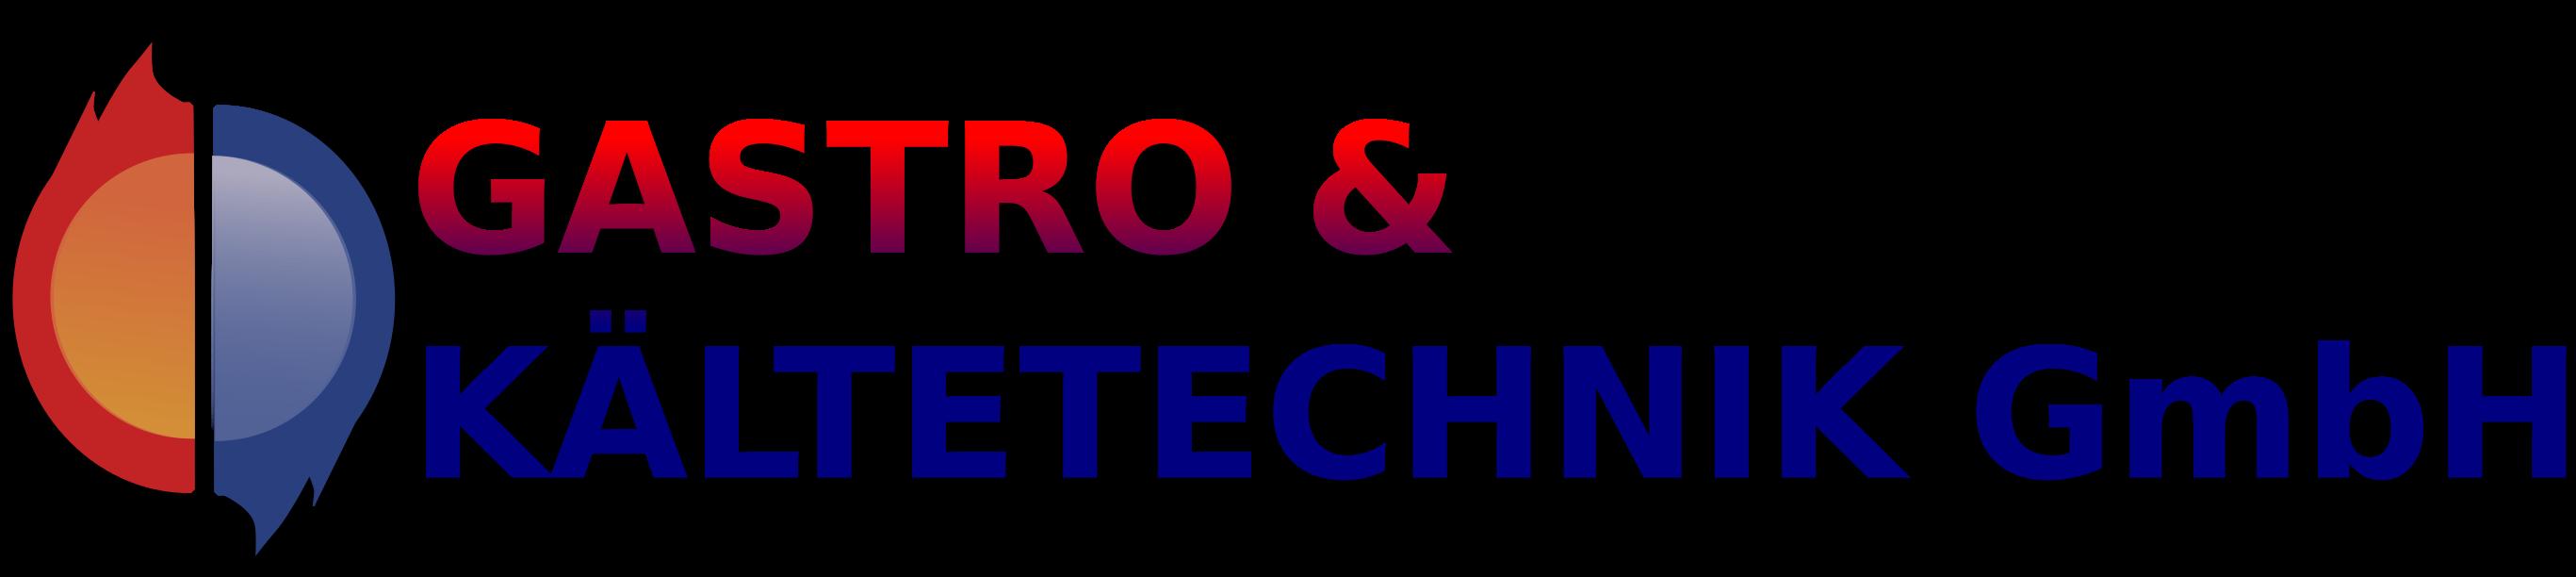 Gastro & Kältetechnik Adamek ✓ Kältetechnik ✓ Gastrotechnik ✓ Klimatechnik